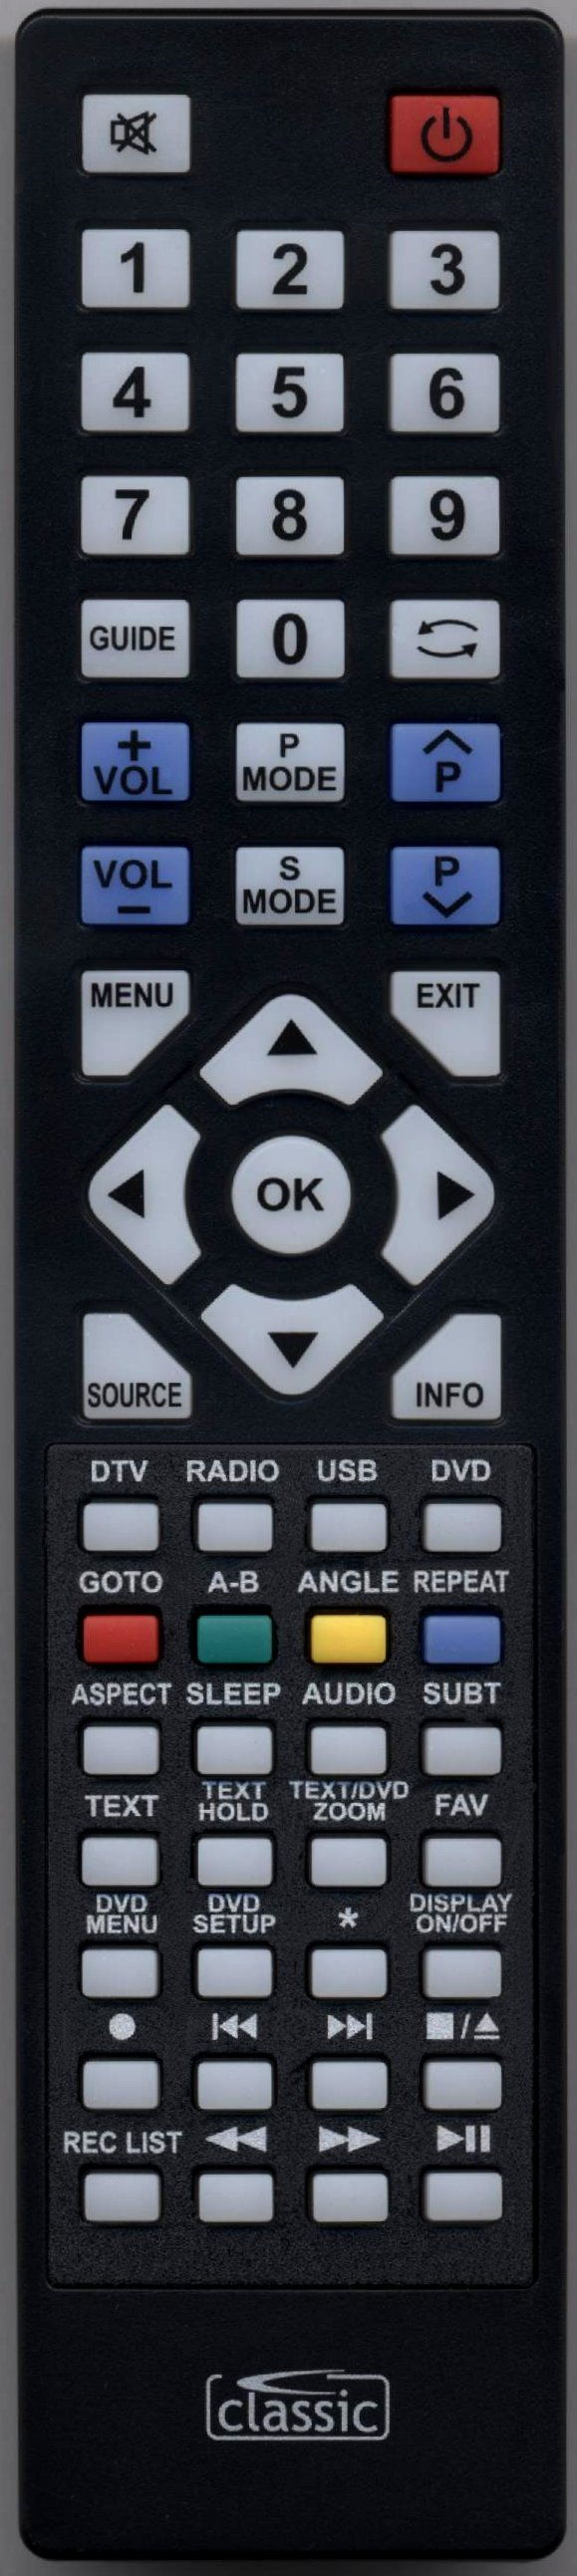 BLAUPUNKT 32/123j-gb-3b2-hcdu-uk Remote Control